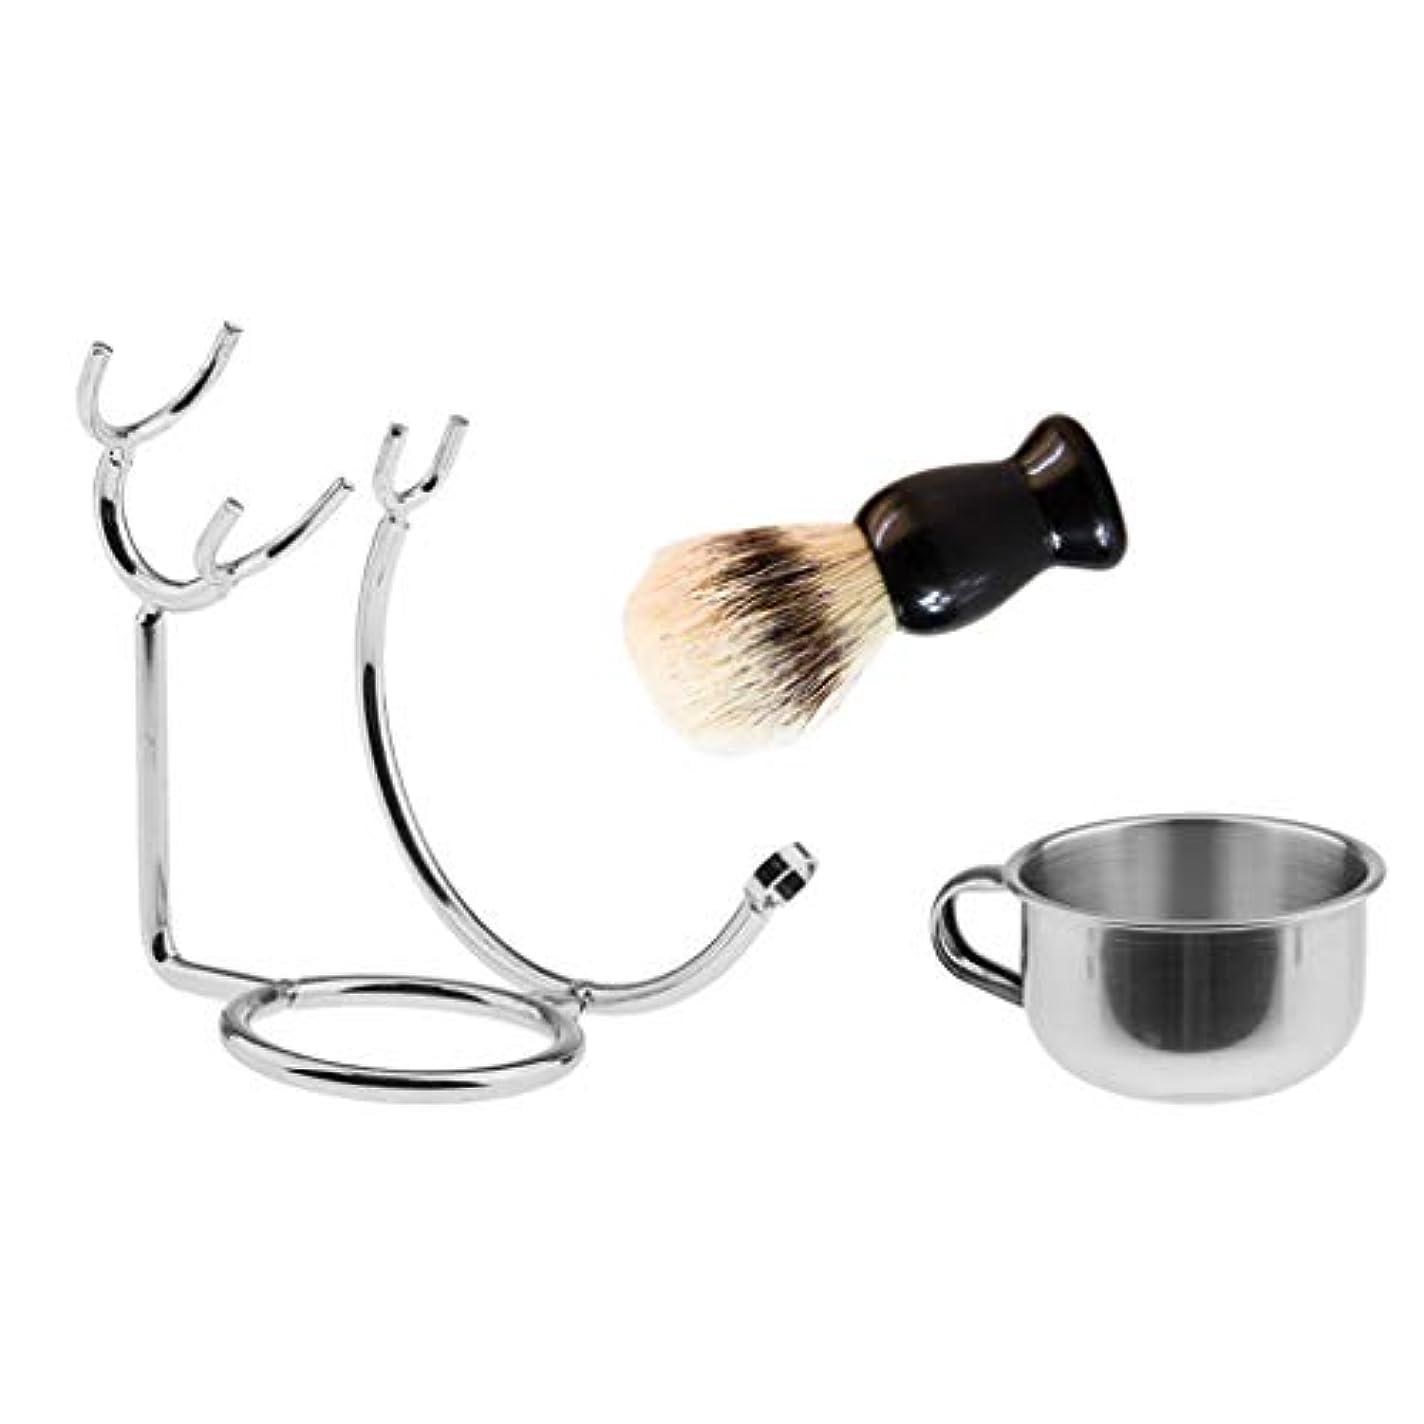 つまらない連帯胴体dailymall 3本の浴室の男性理髪師シェービングブラシボウルマグカップスタンドホルダーセットキット